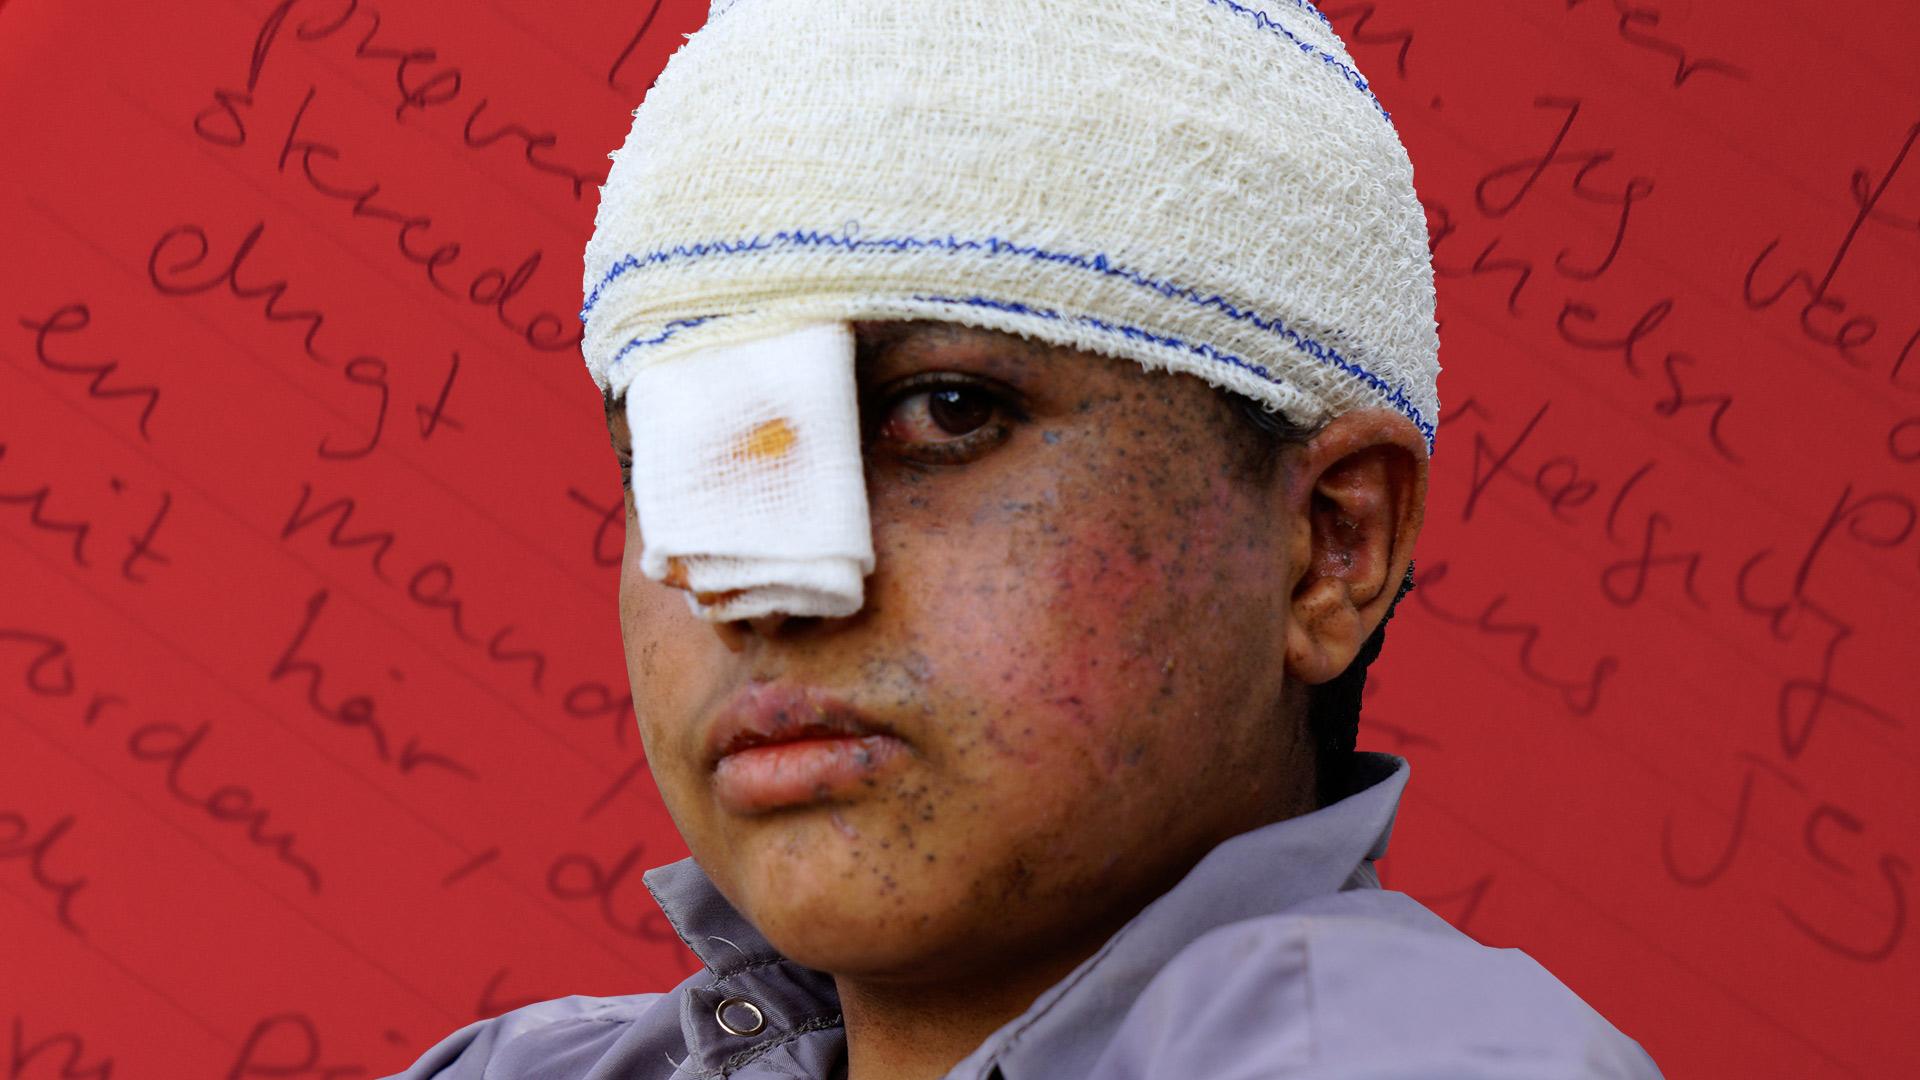 puk_yemen_05_v001.jpg